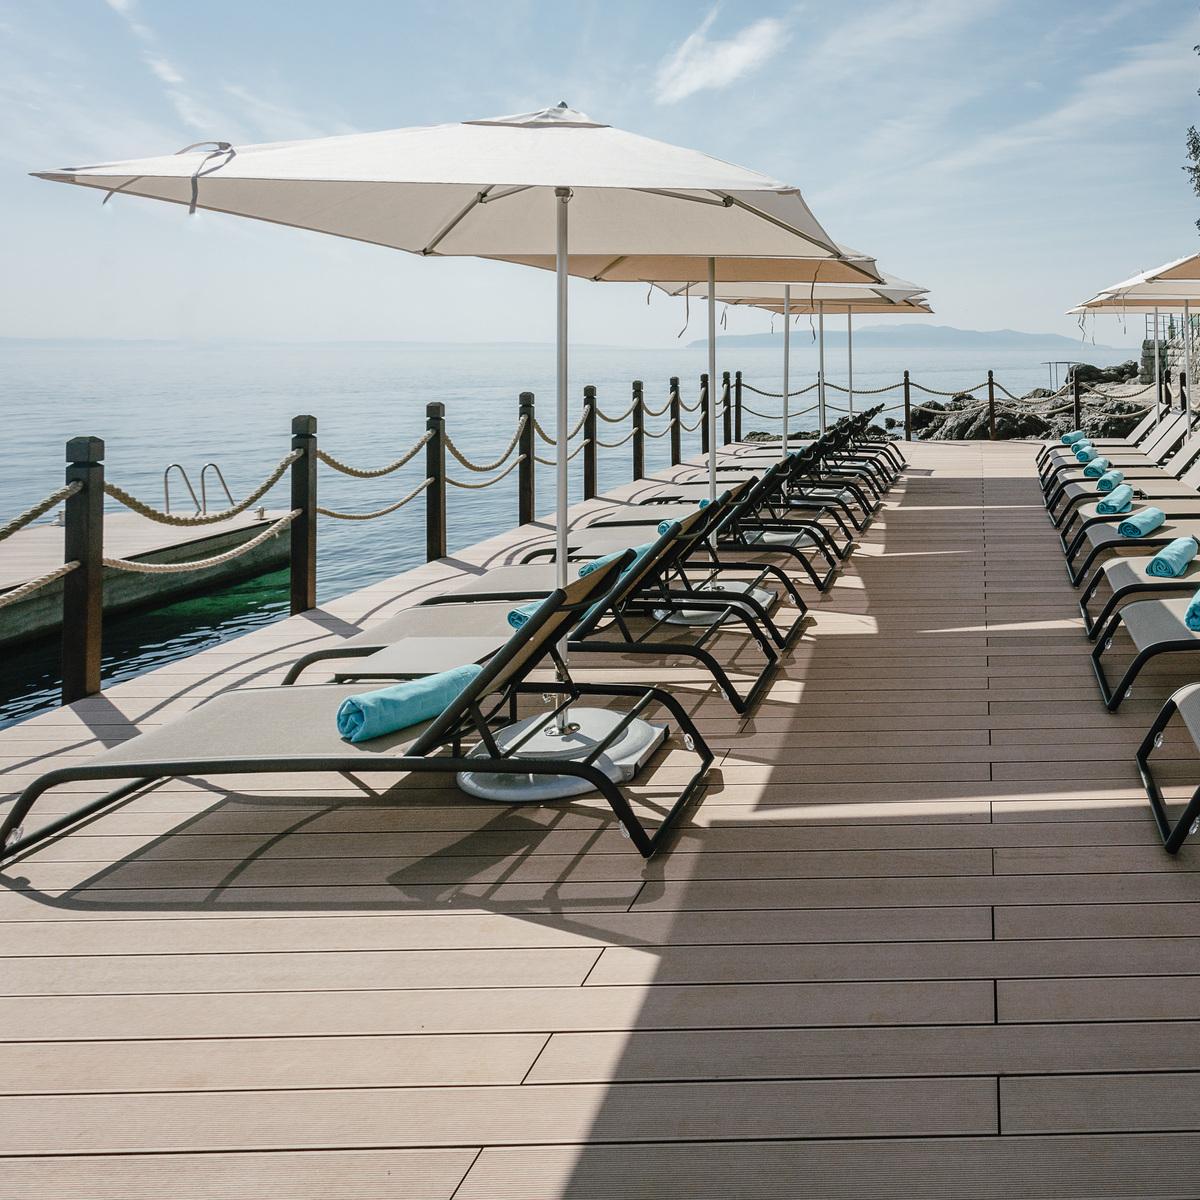 ikador-hotel-kroatien-deck-beach